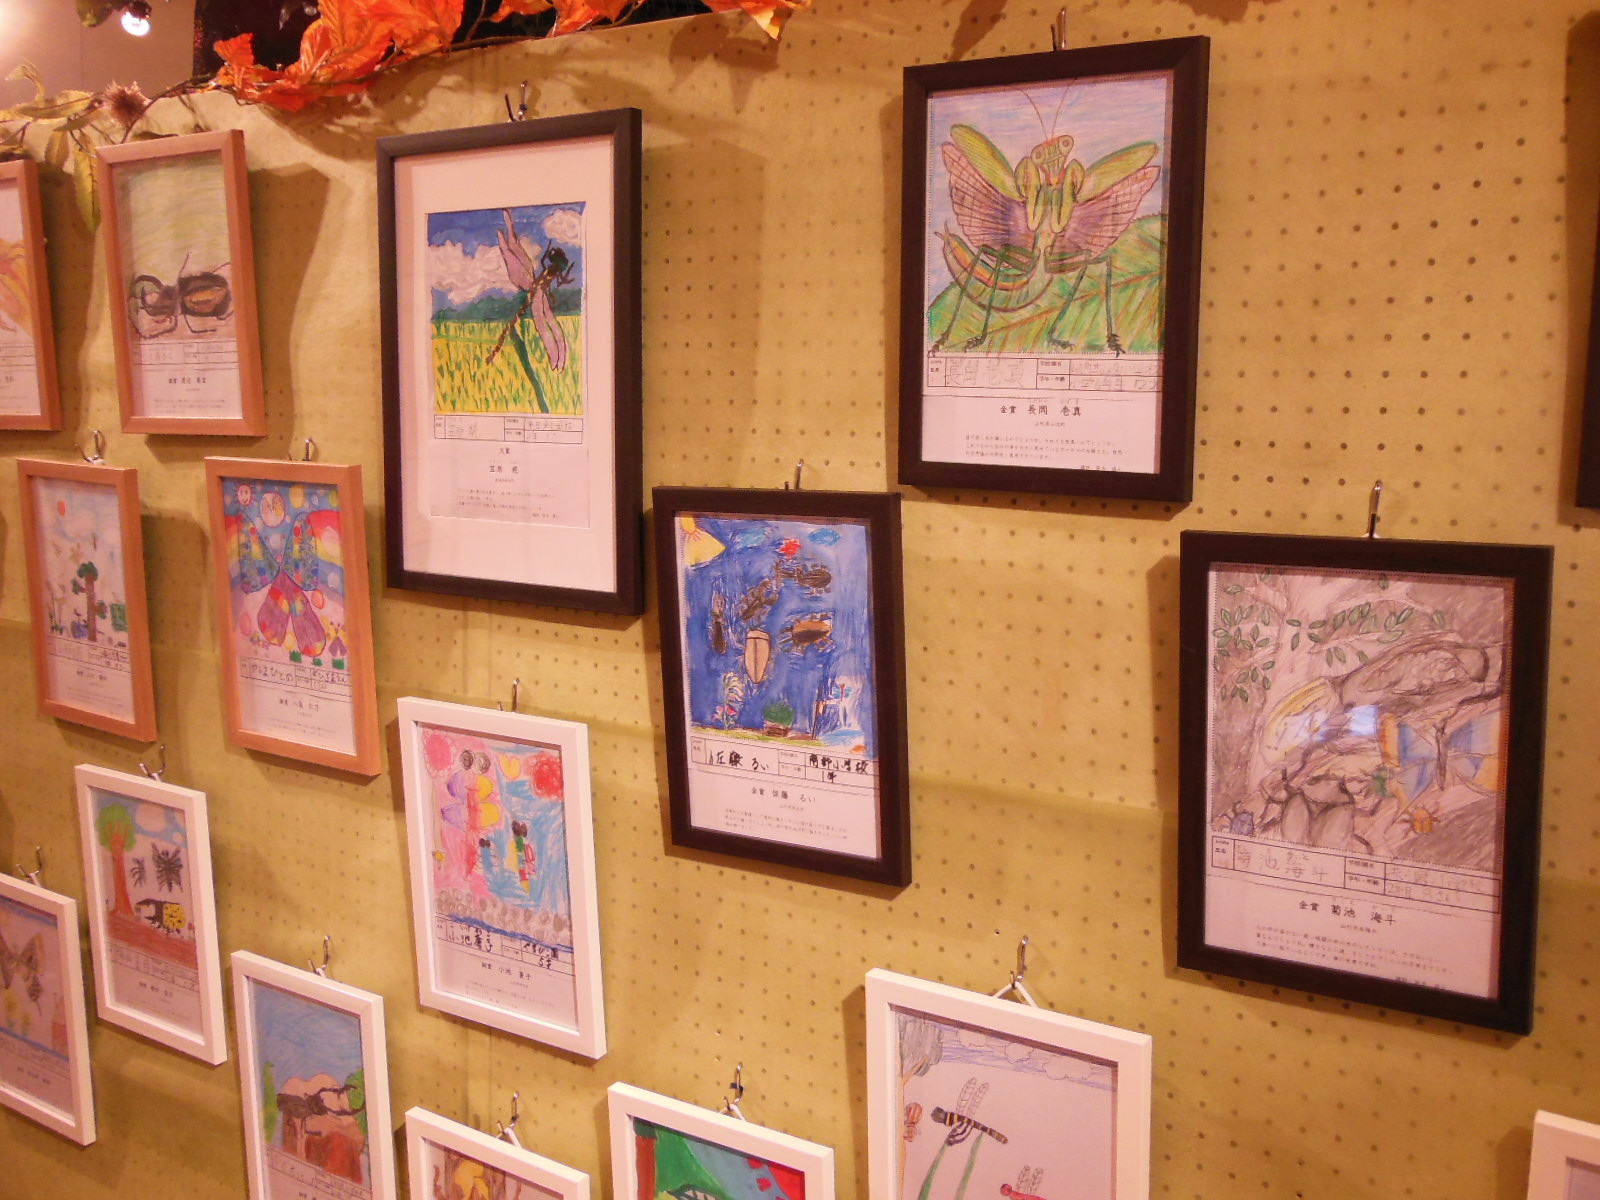 秋の企画展「虫の絵展」「虫の音楽会」 始まりました。